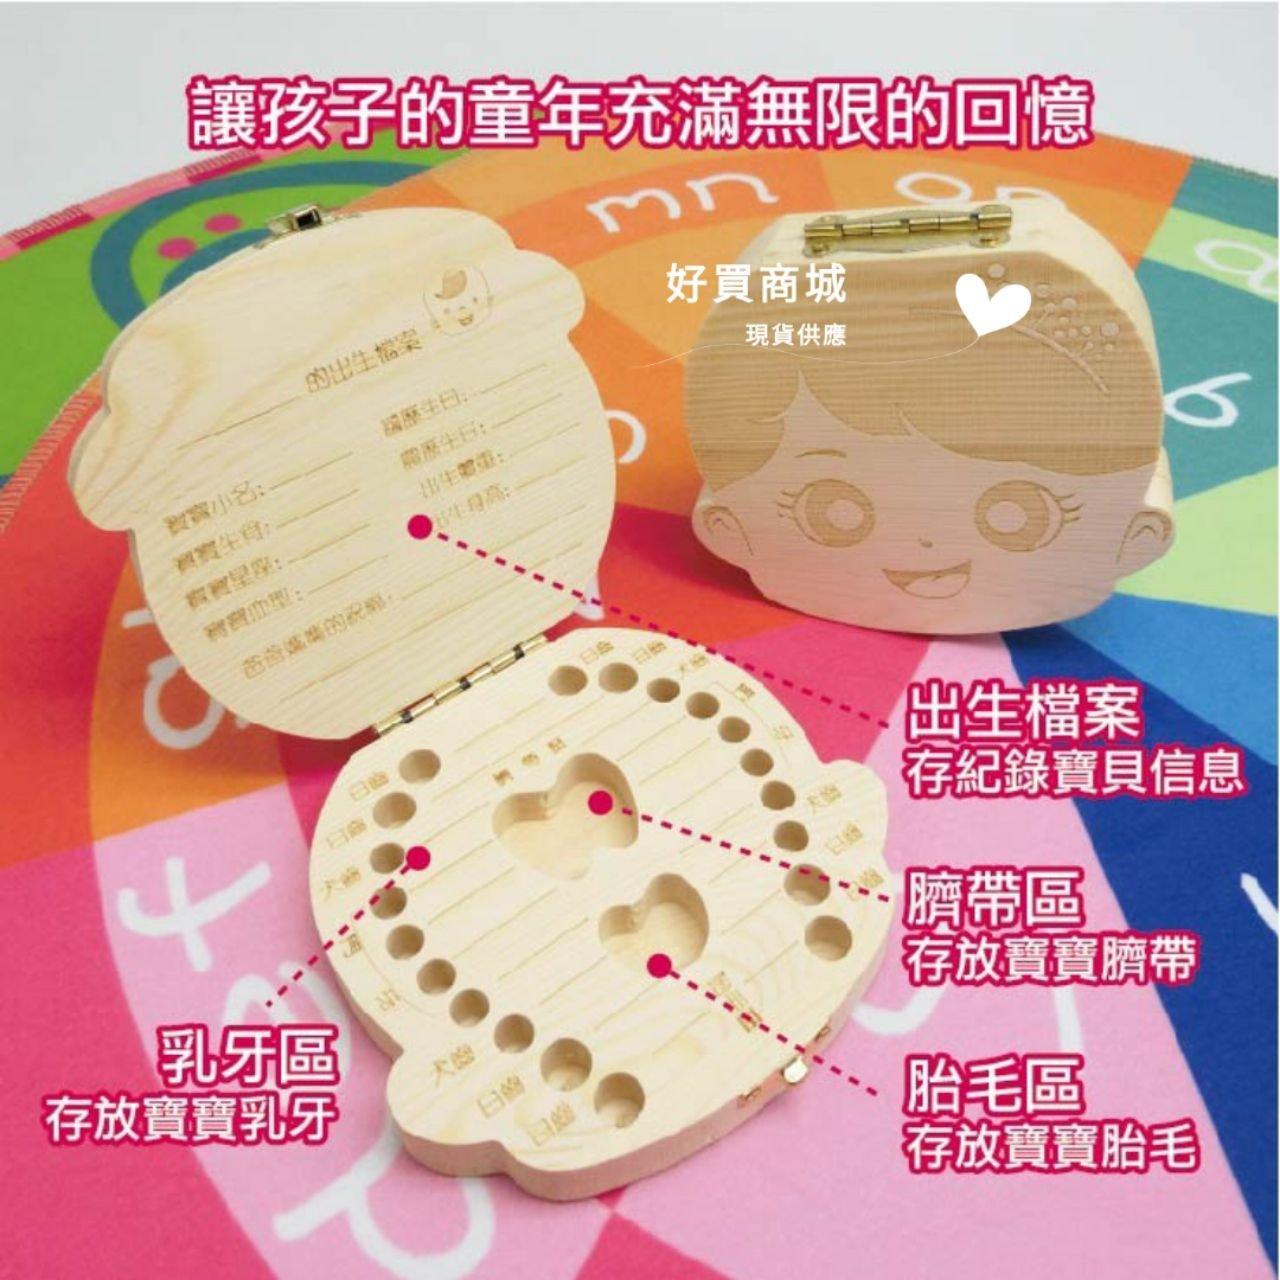 乳牙保存盒可彩繪DIY乳牙盒 天然原木 有淡淡的木頭香????好買商城????